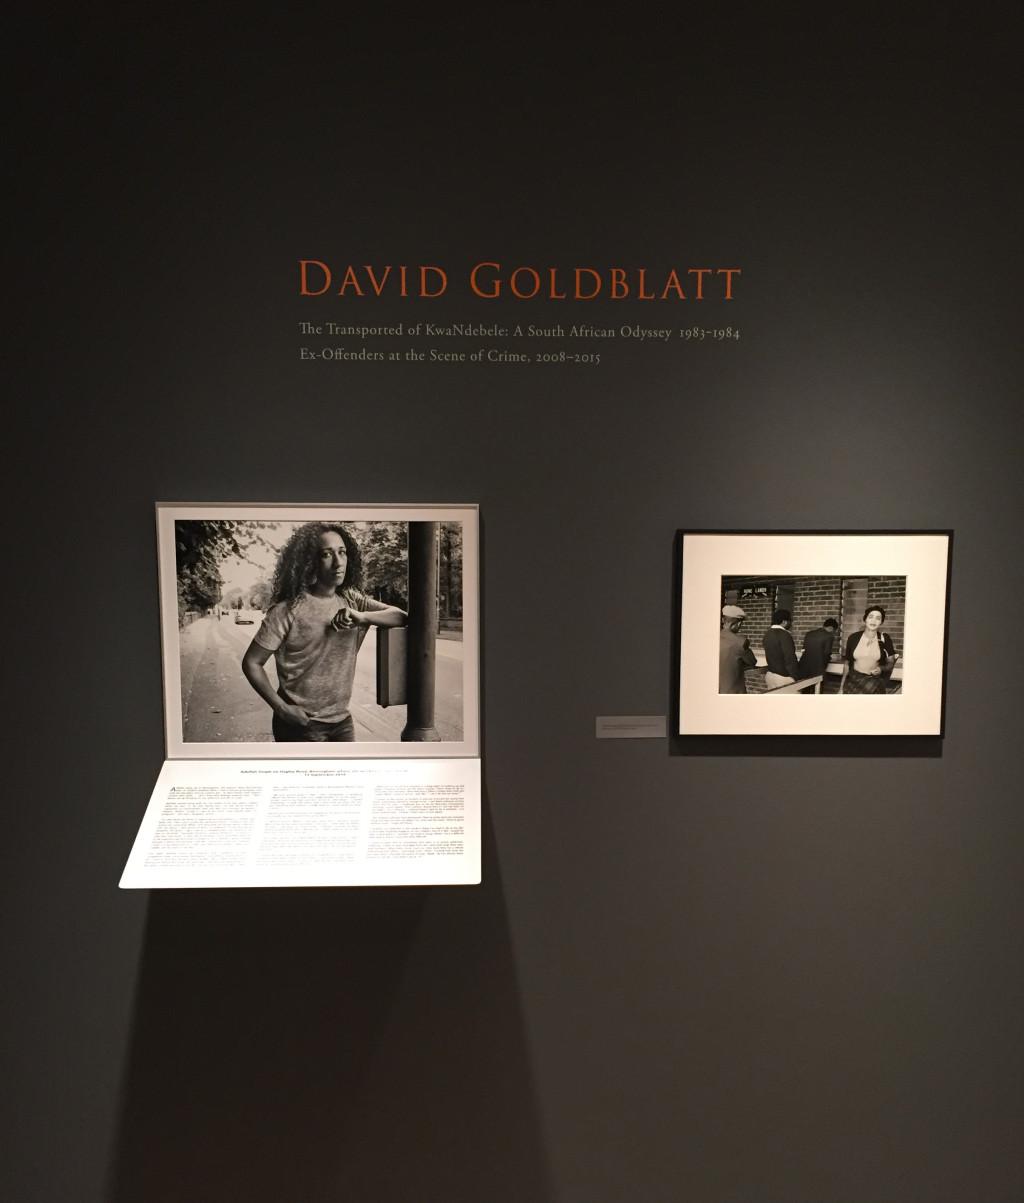 david-goldblatt-ex-offenders-exhibition-05